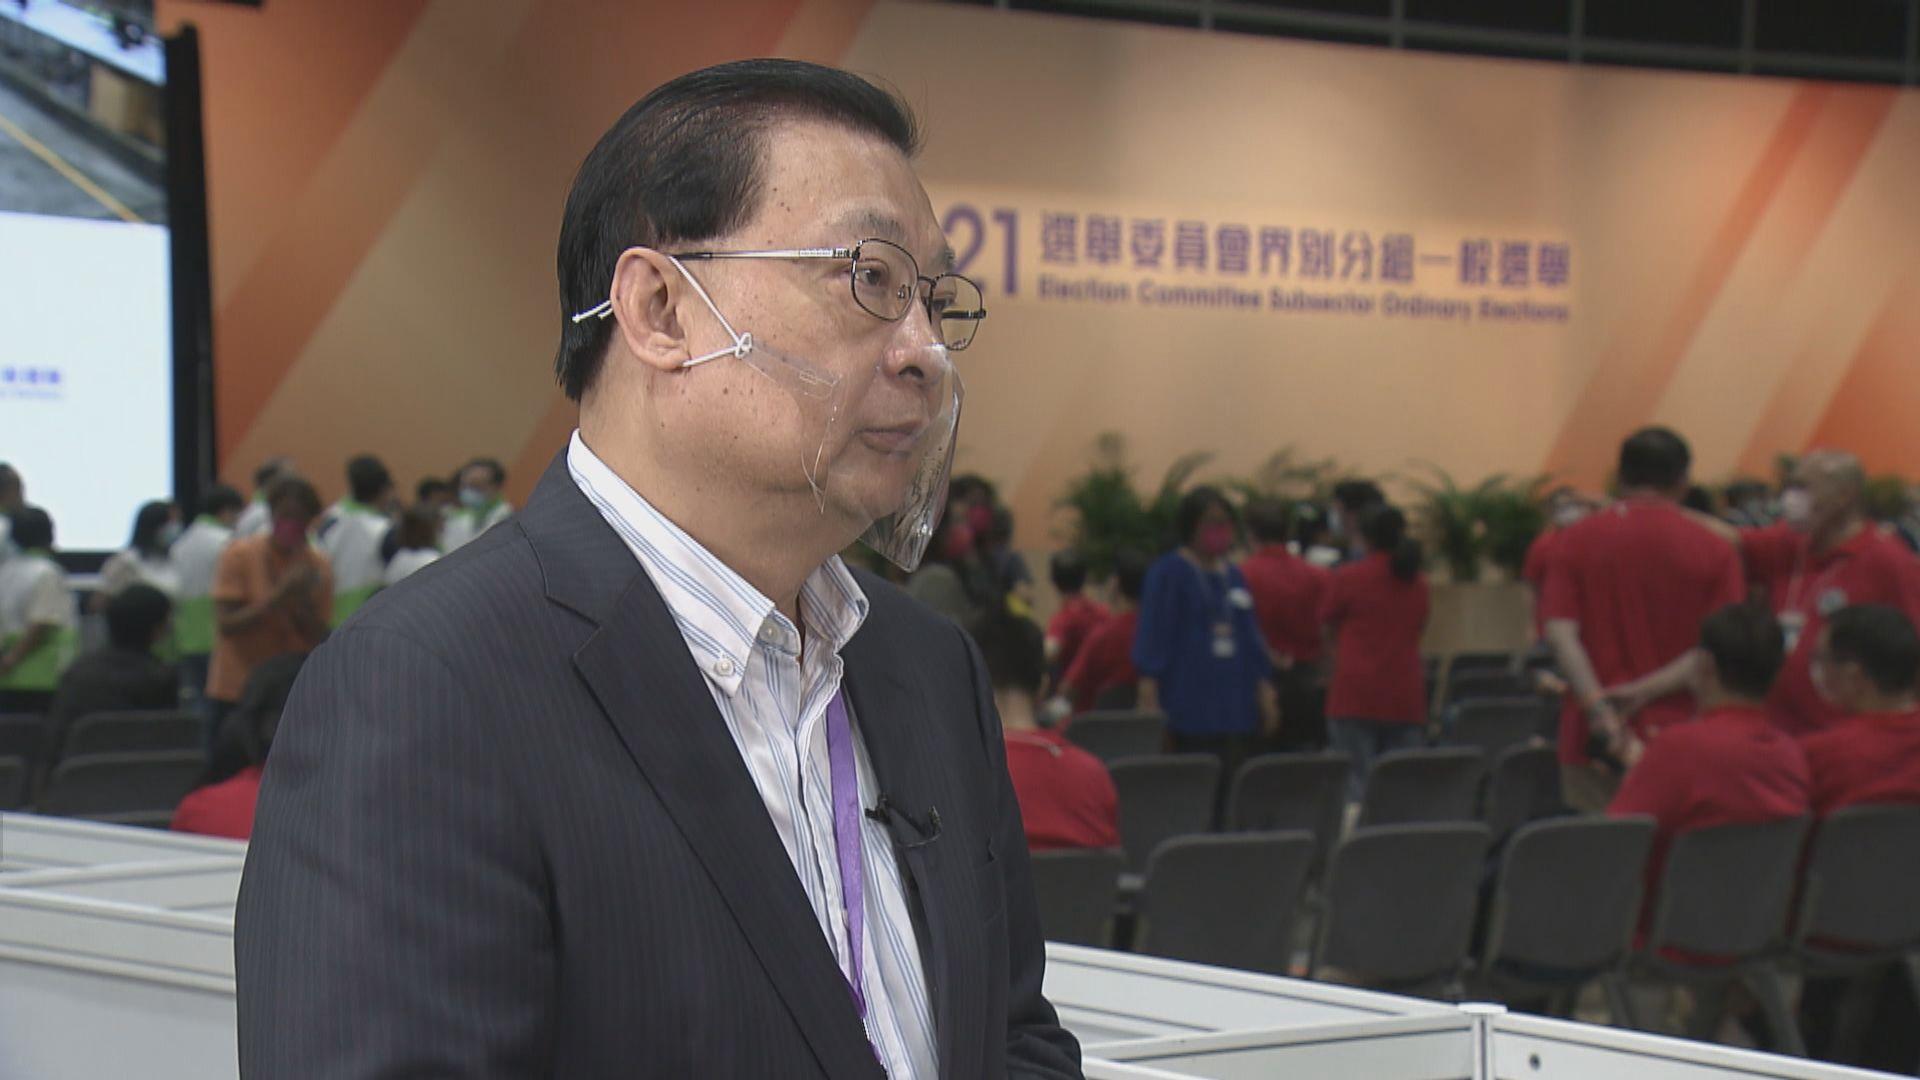 譚耀宗︰選委會召集人可多於一人 惟無迫切性委任